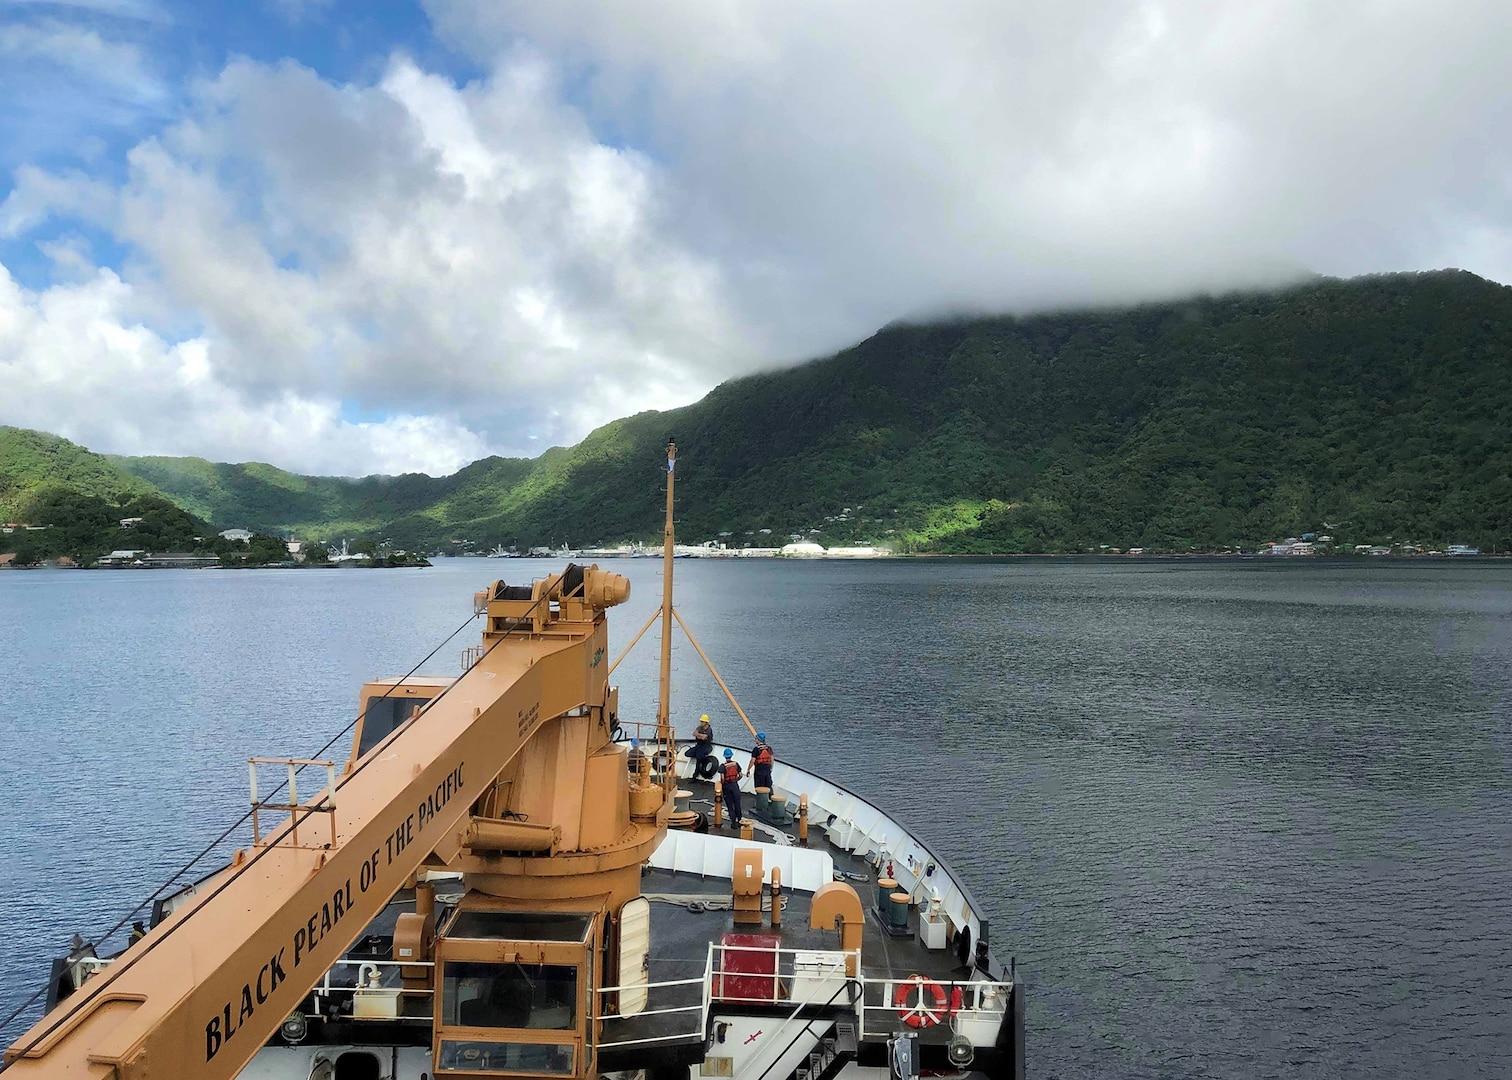 U.S. Coast Guard Cutter Sequoia Returns to Guam from Patrol